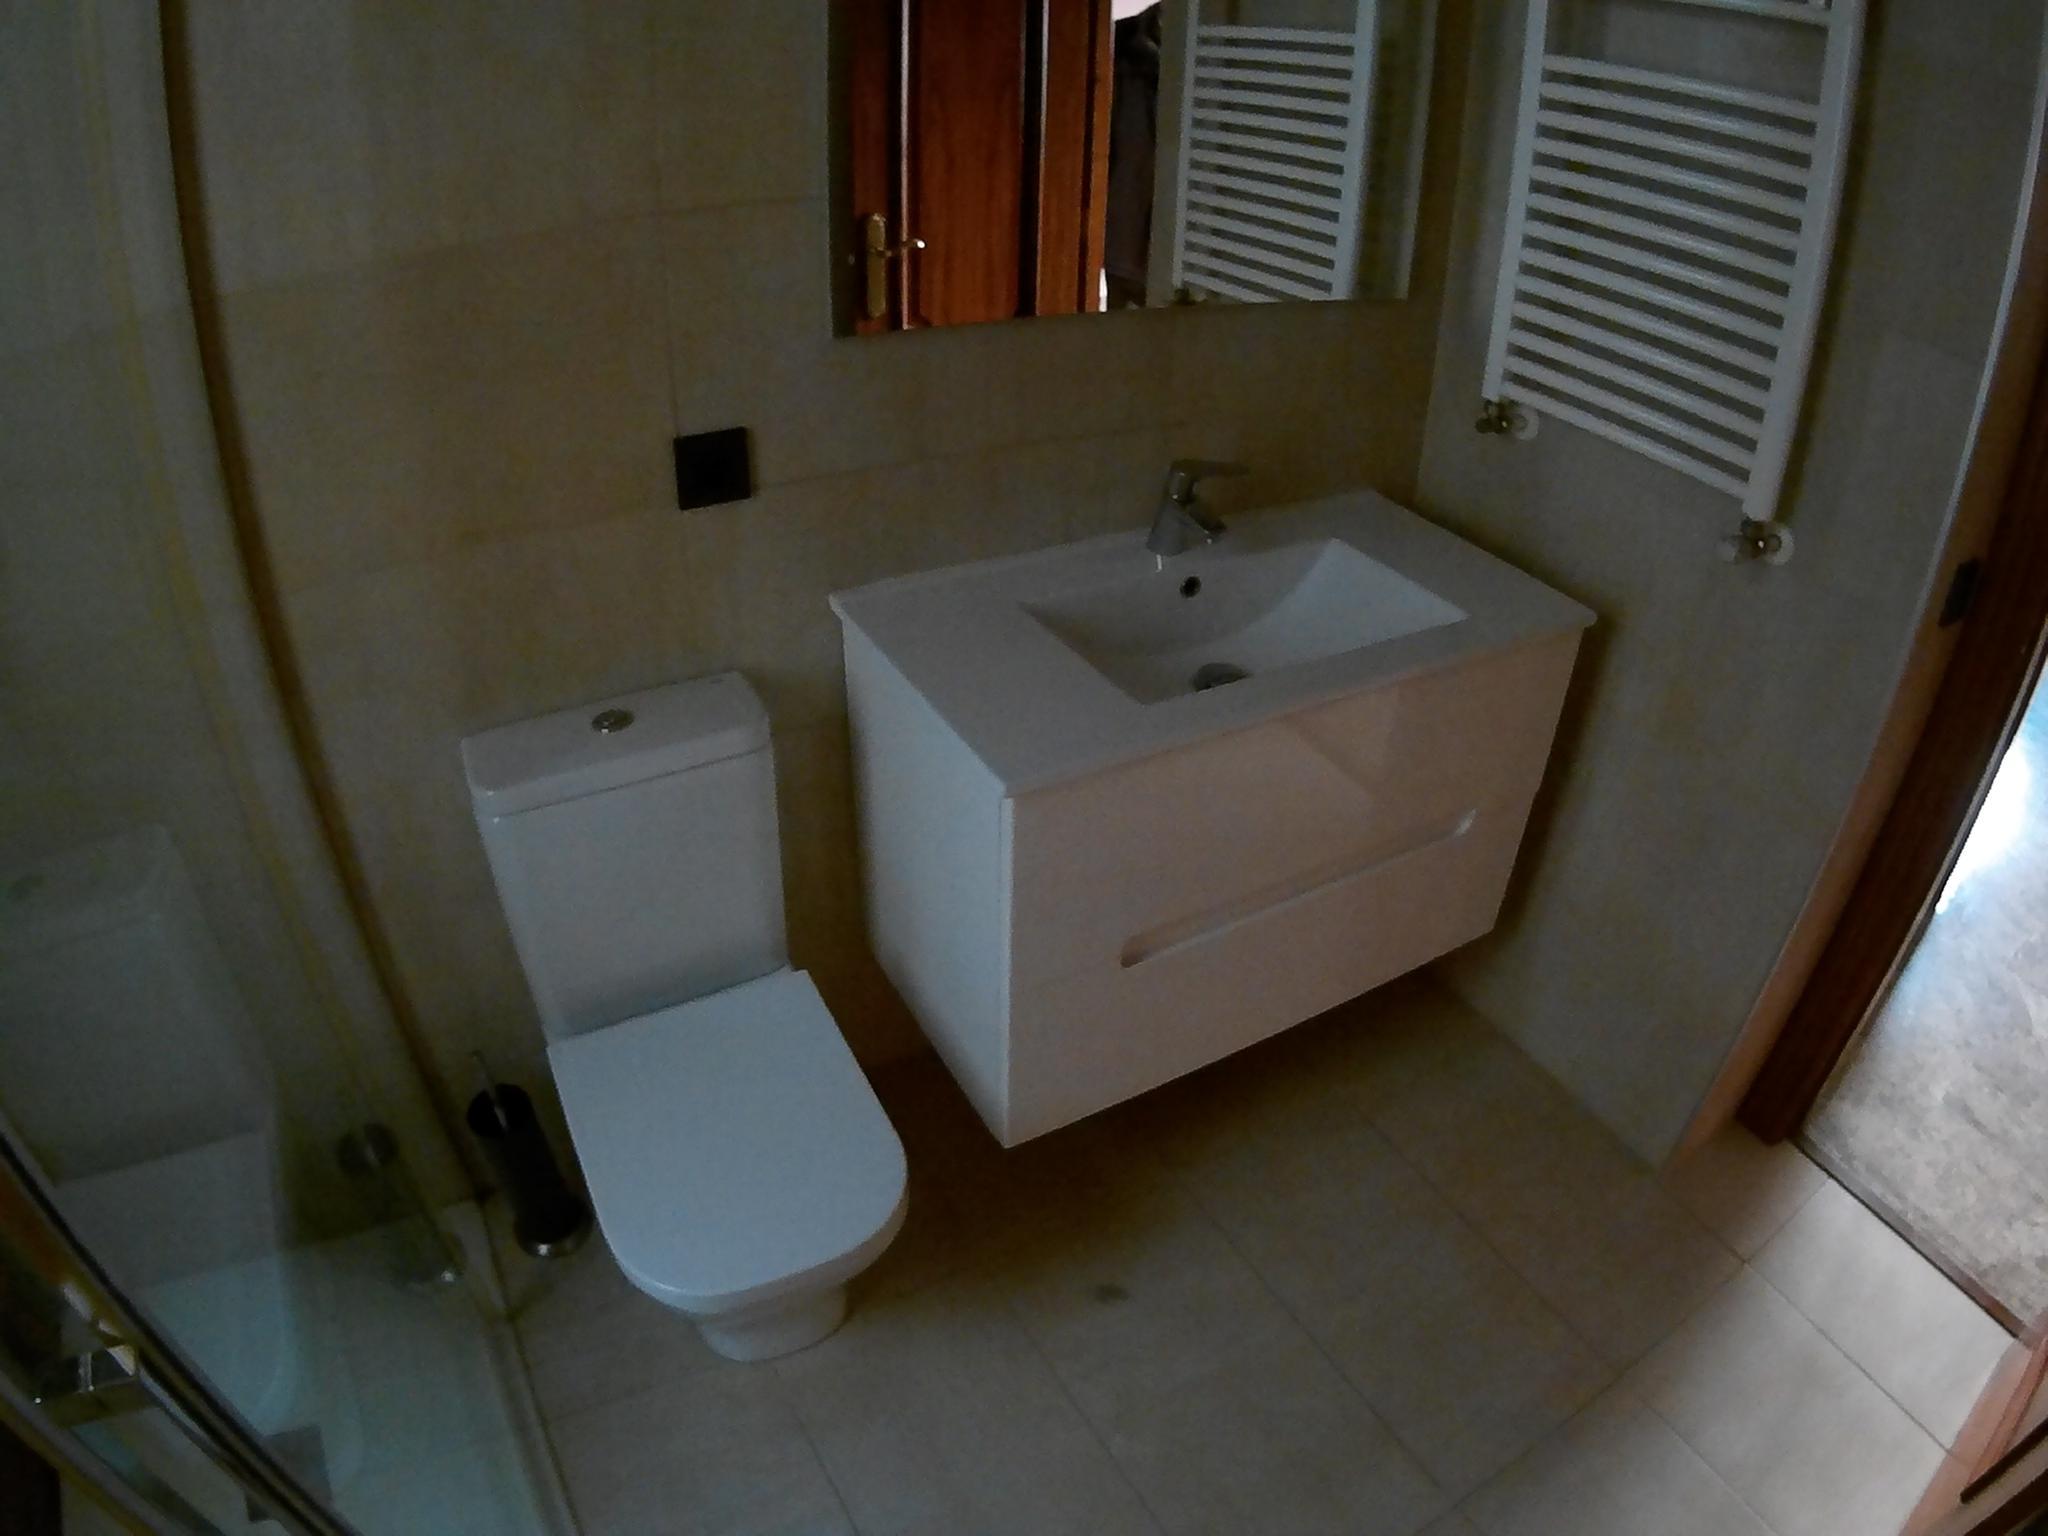 Como poner un piso en alquiler amazing a la hora de poner un piso en alquiler no significa que - Como poner un piso en alquiler ...